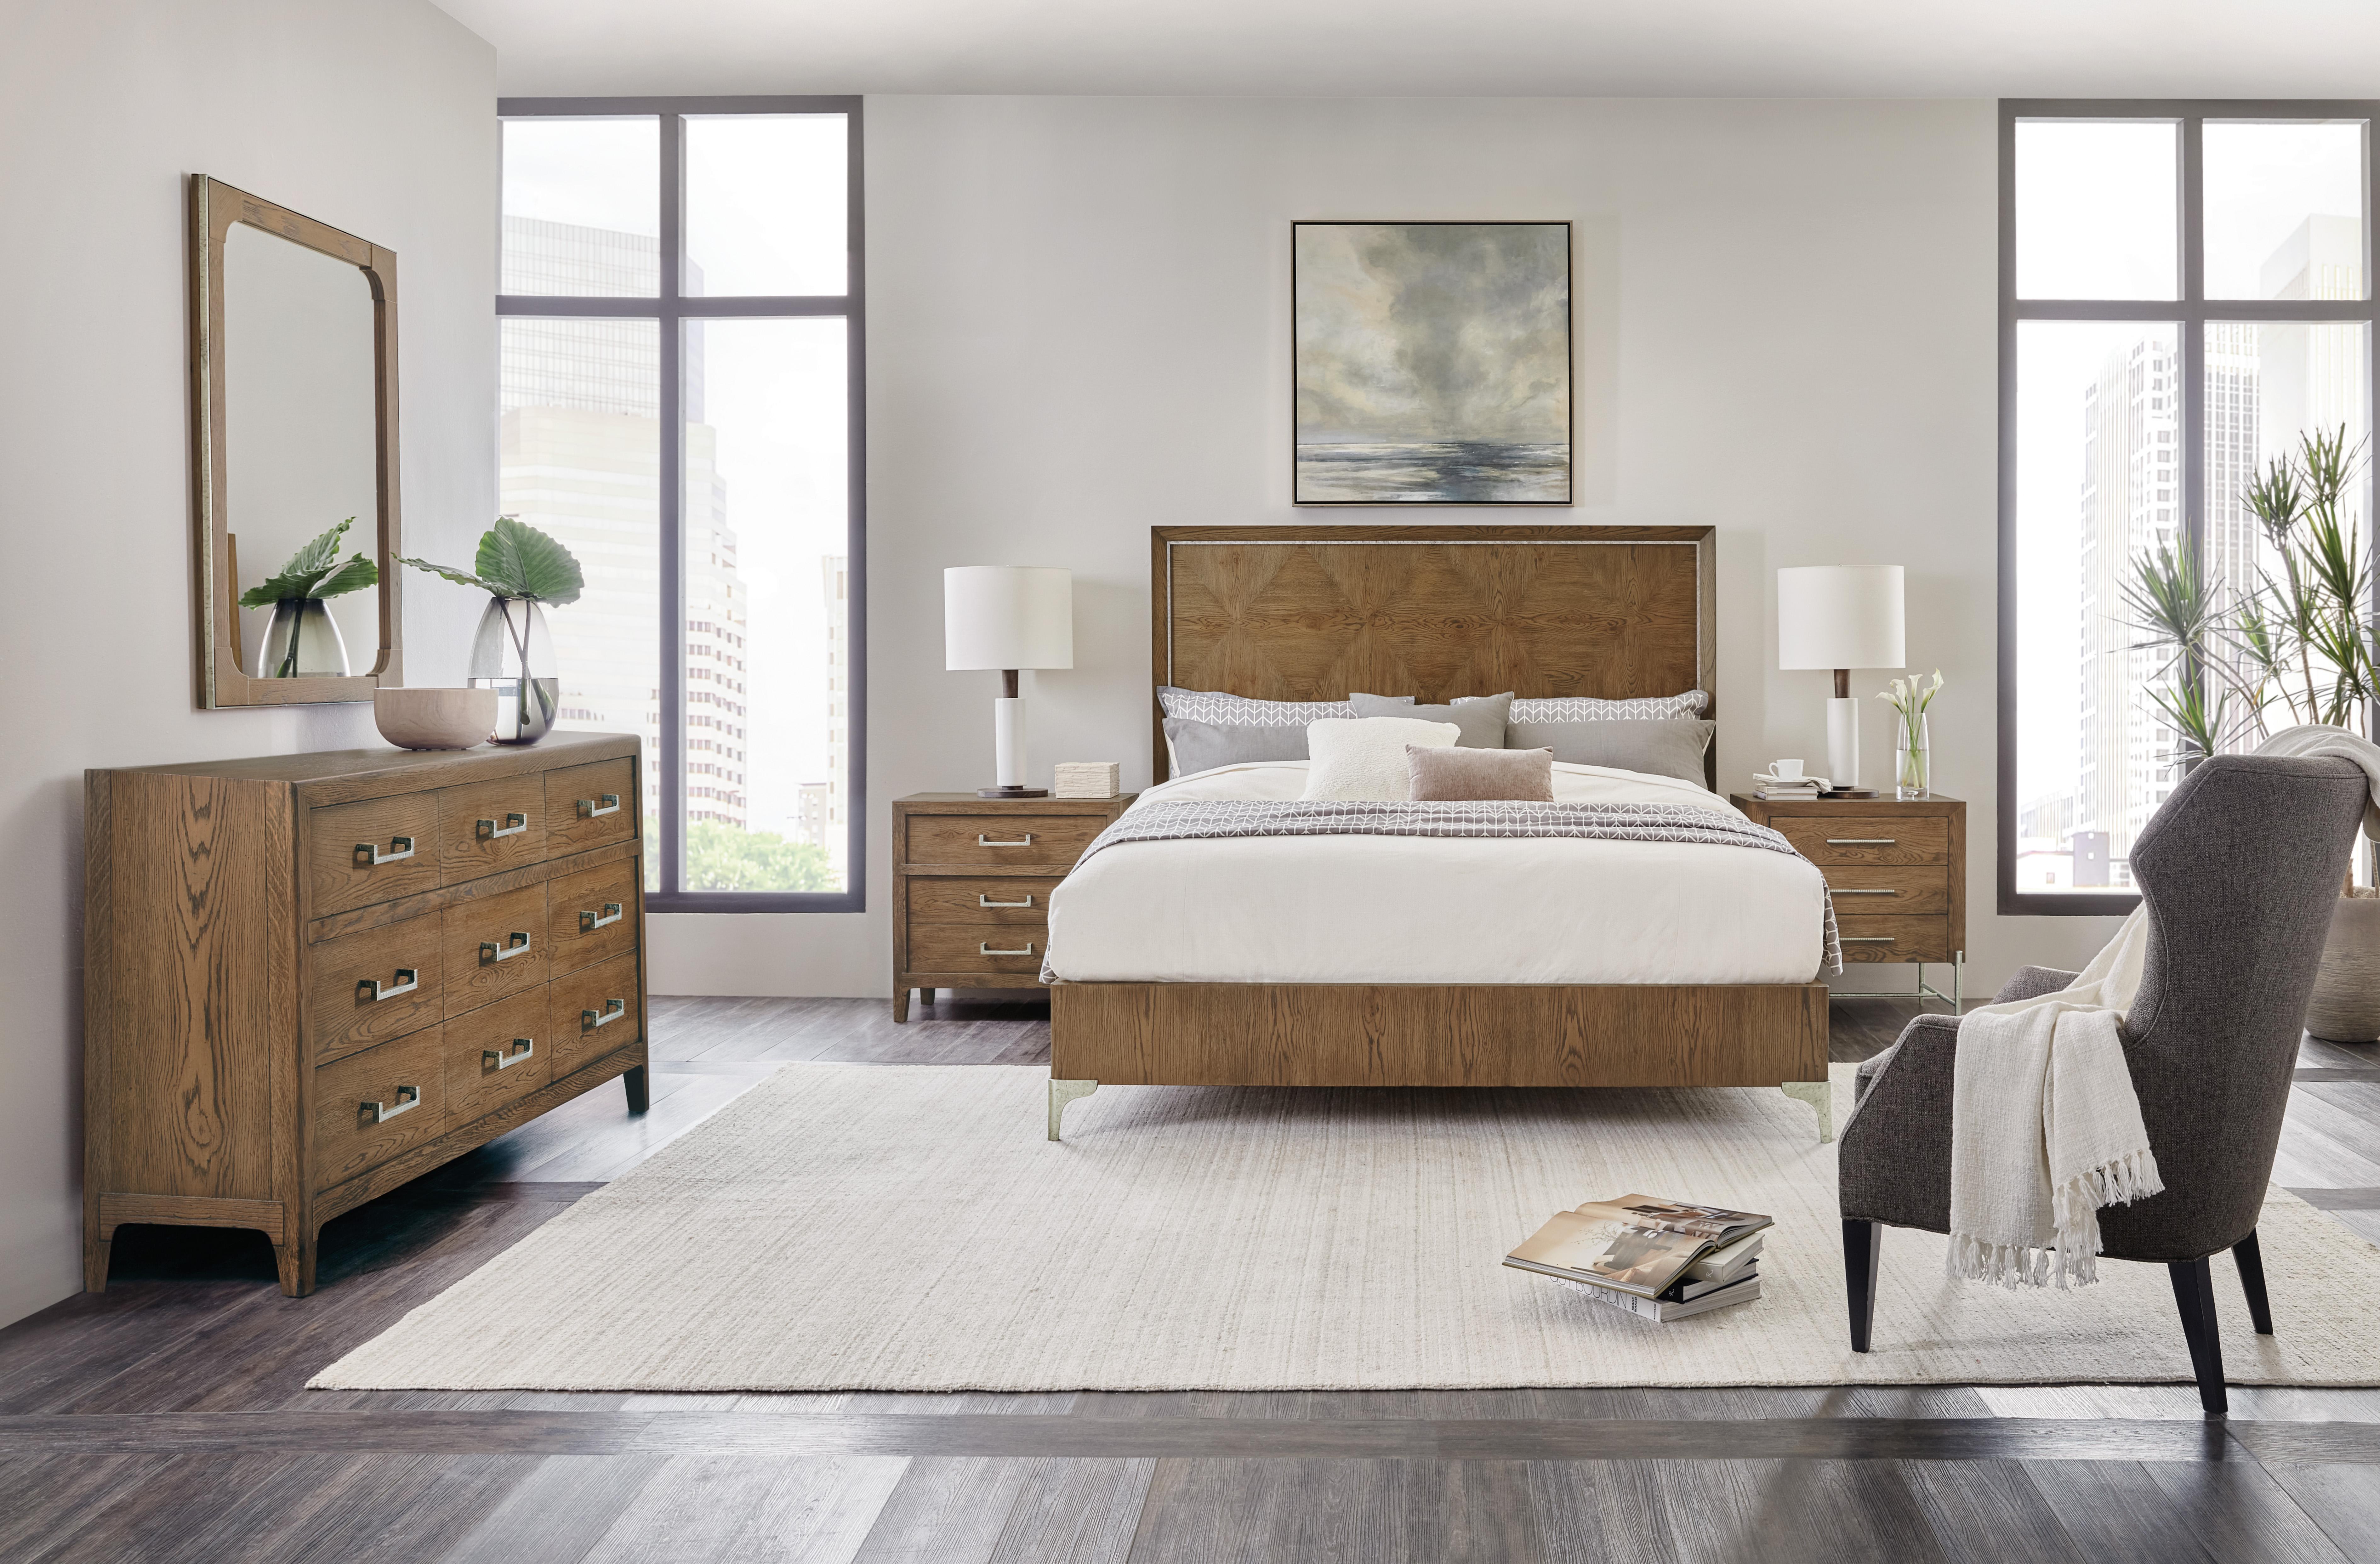 Queen 5-Piece Bedroom Set